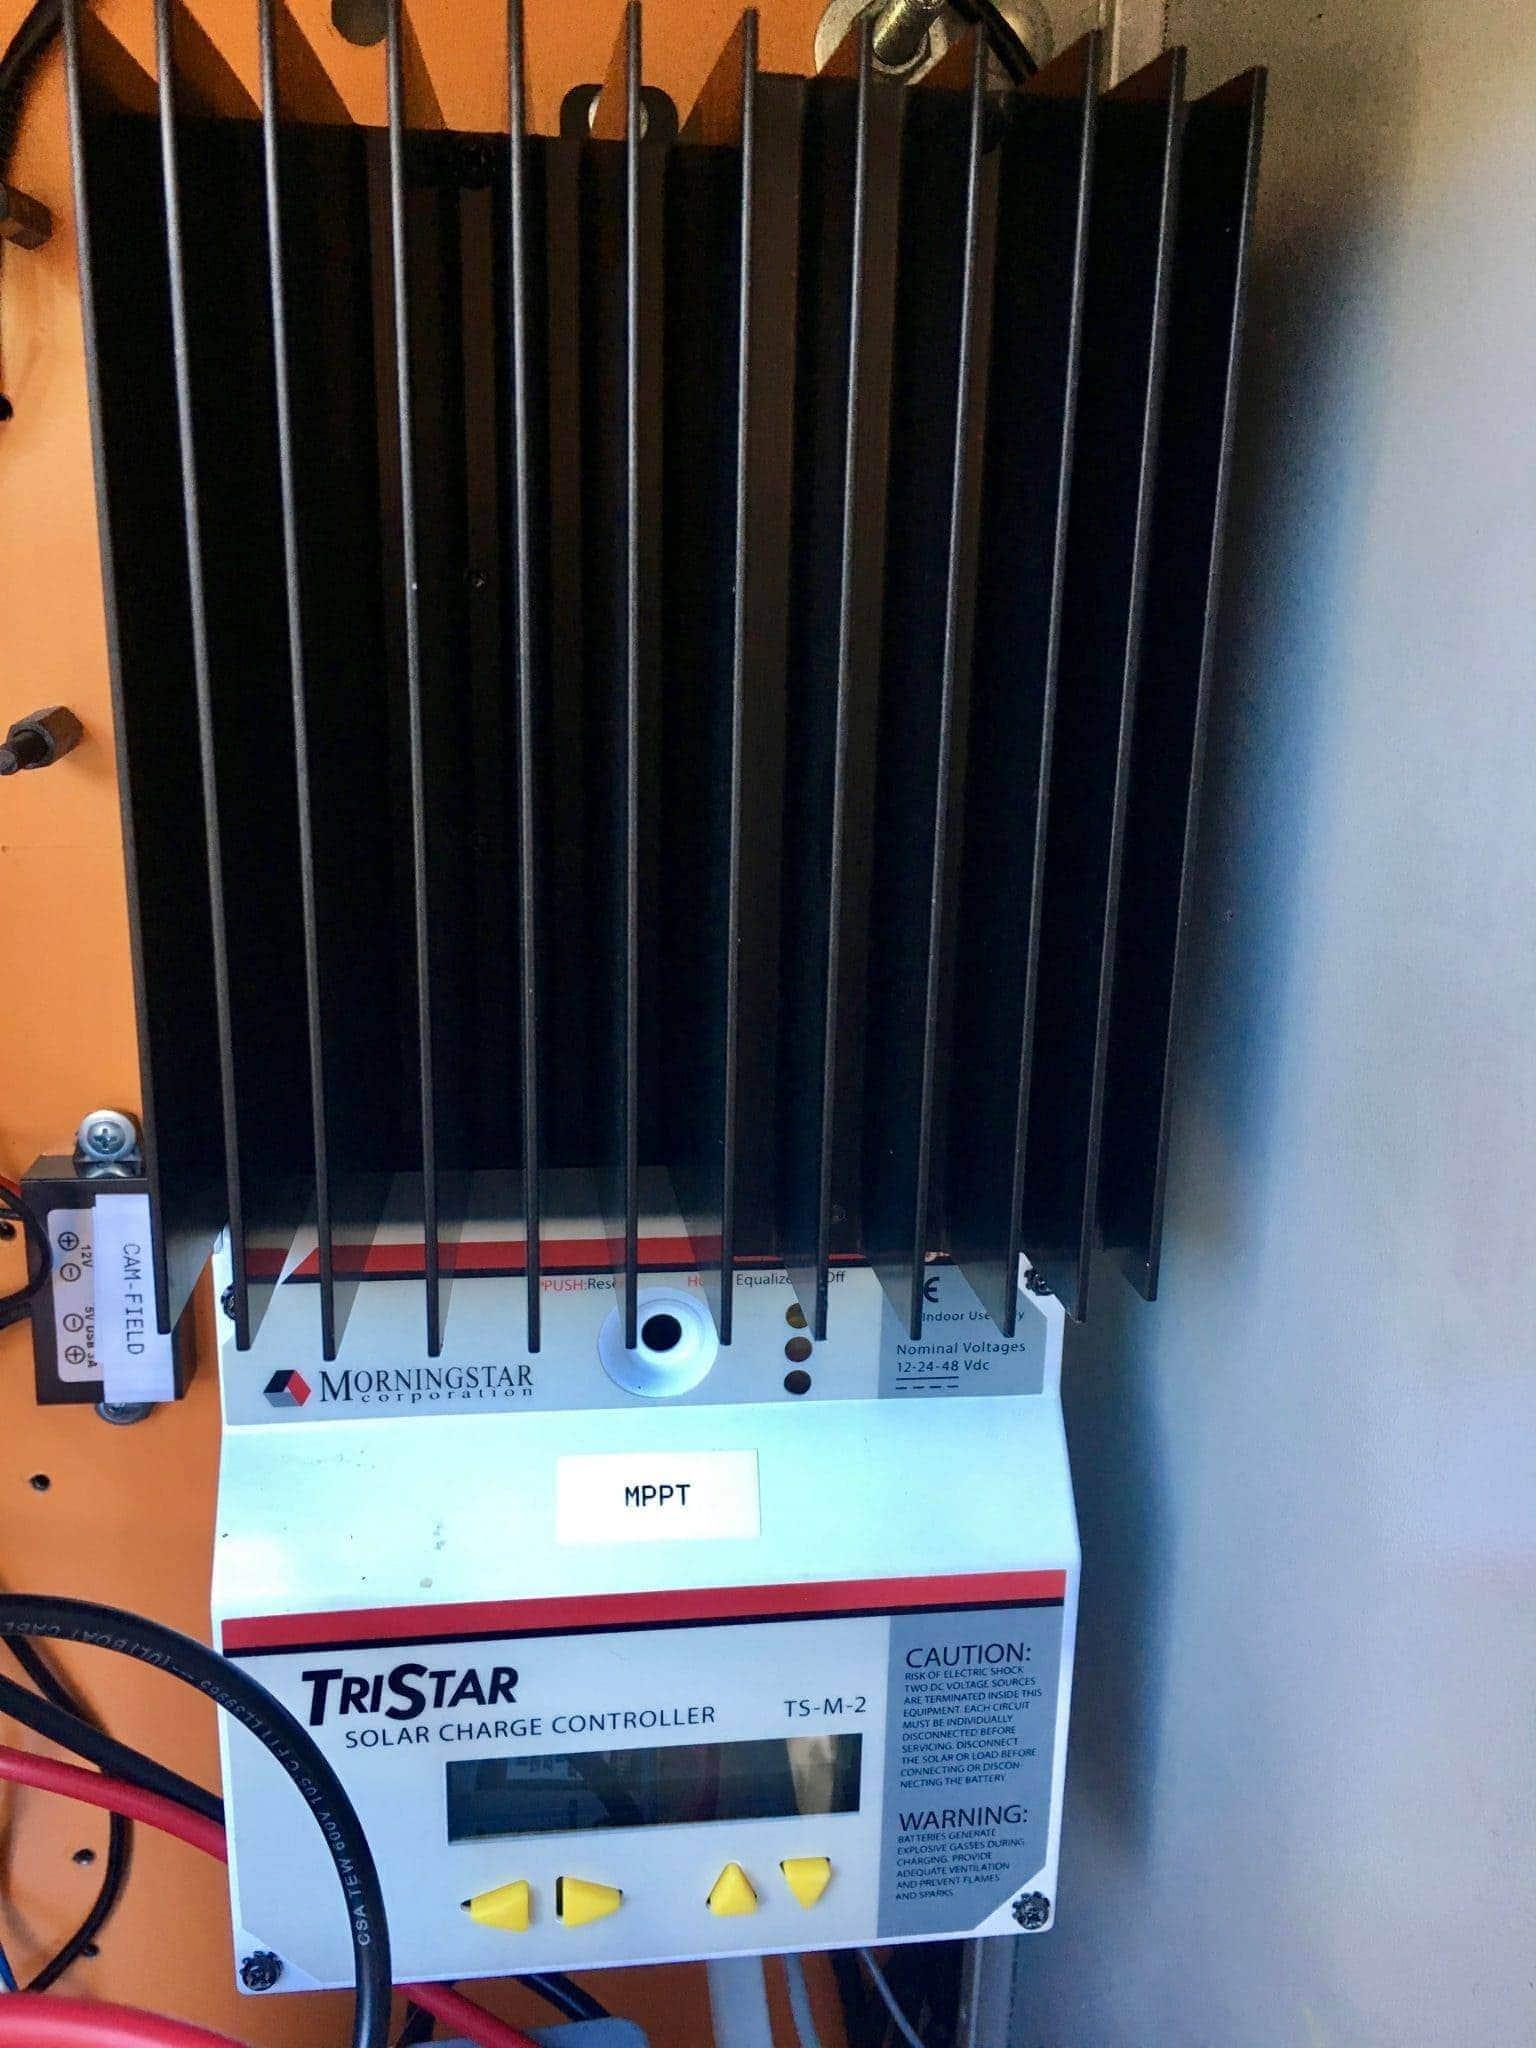 MorningStar TriStar MPPT solar controller